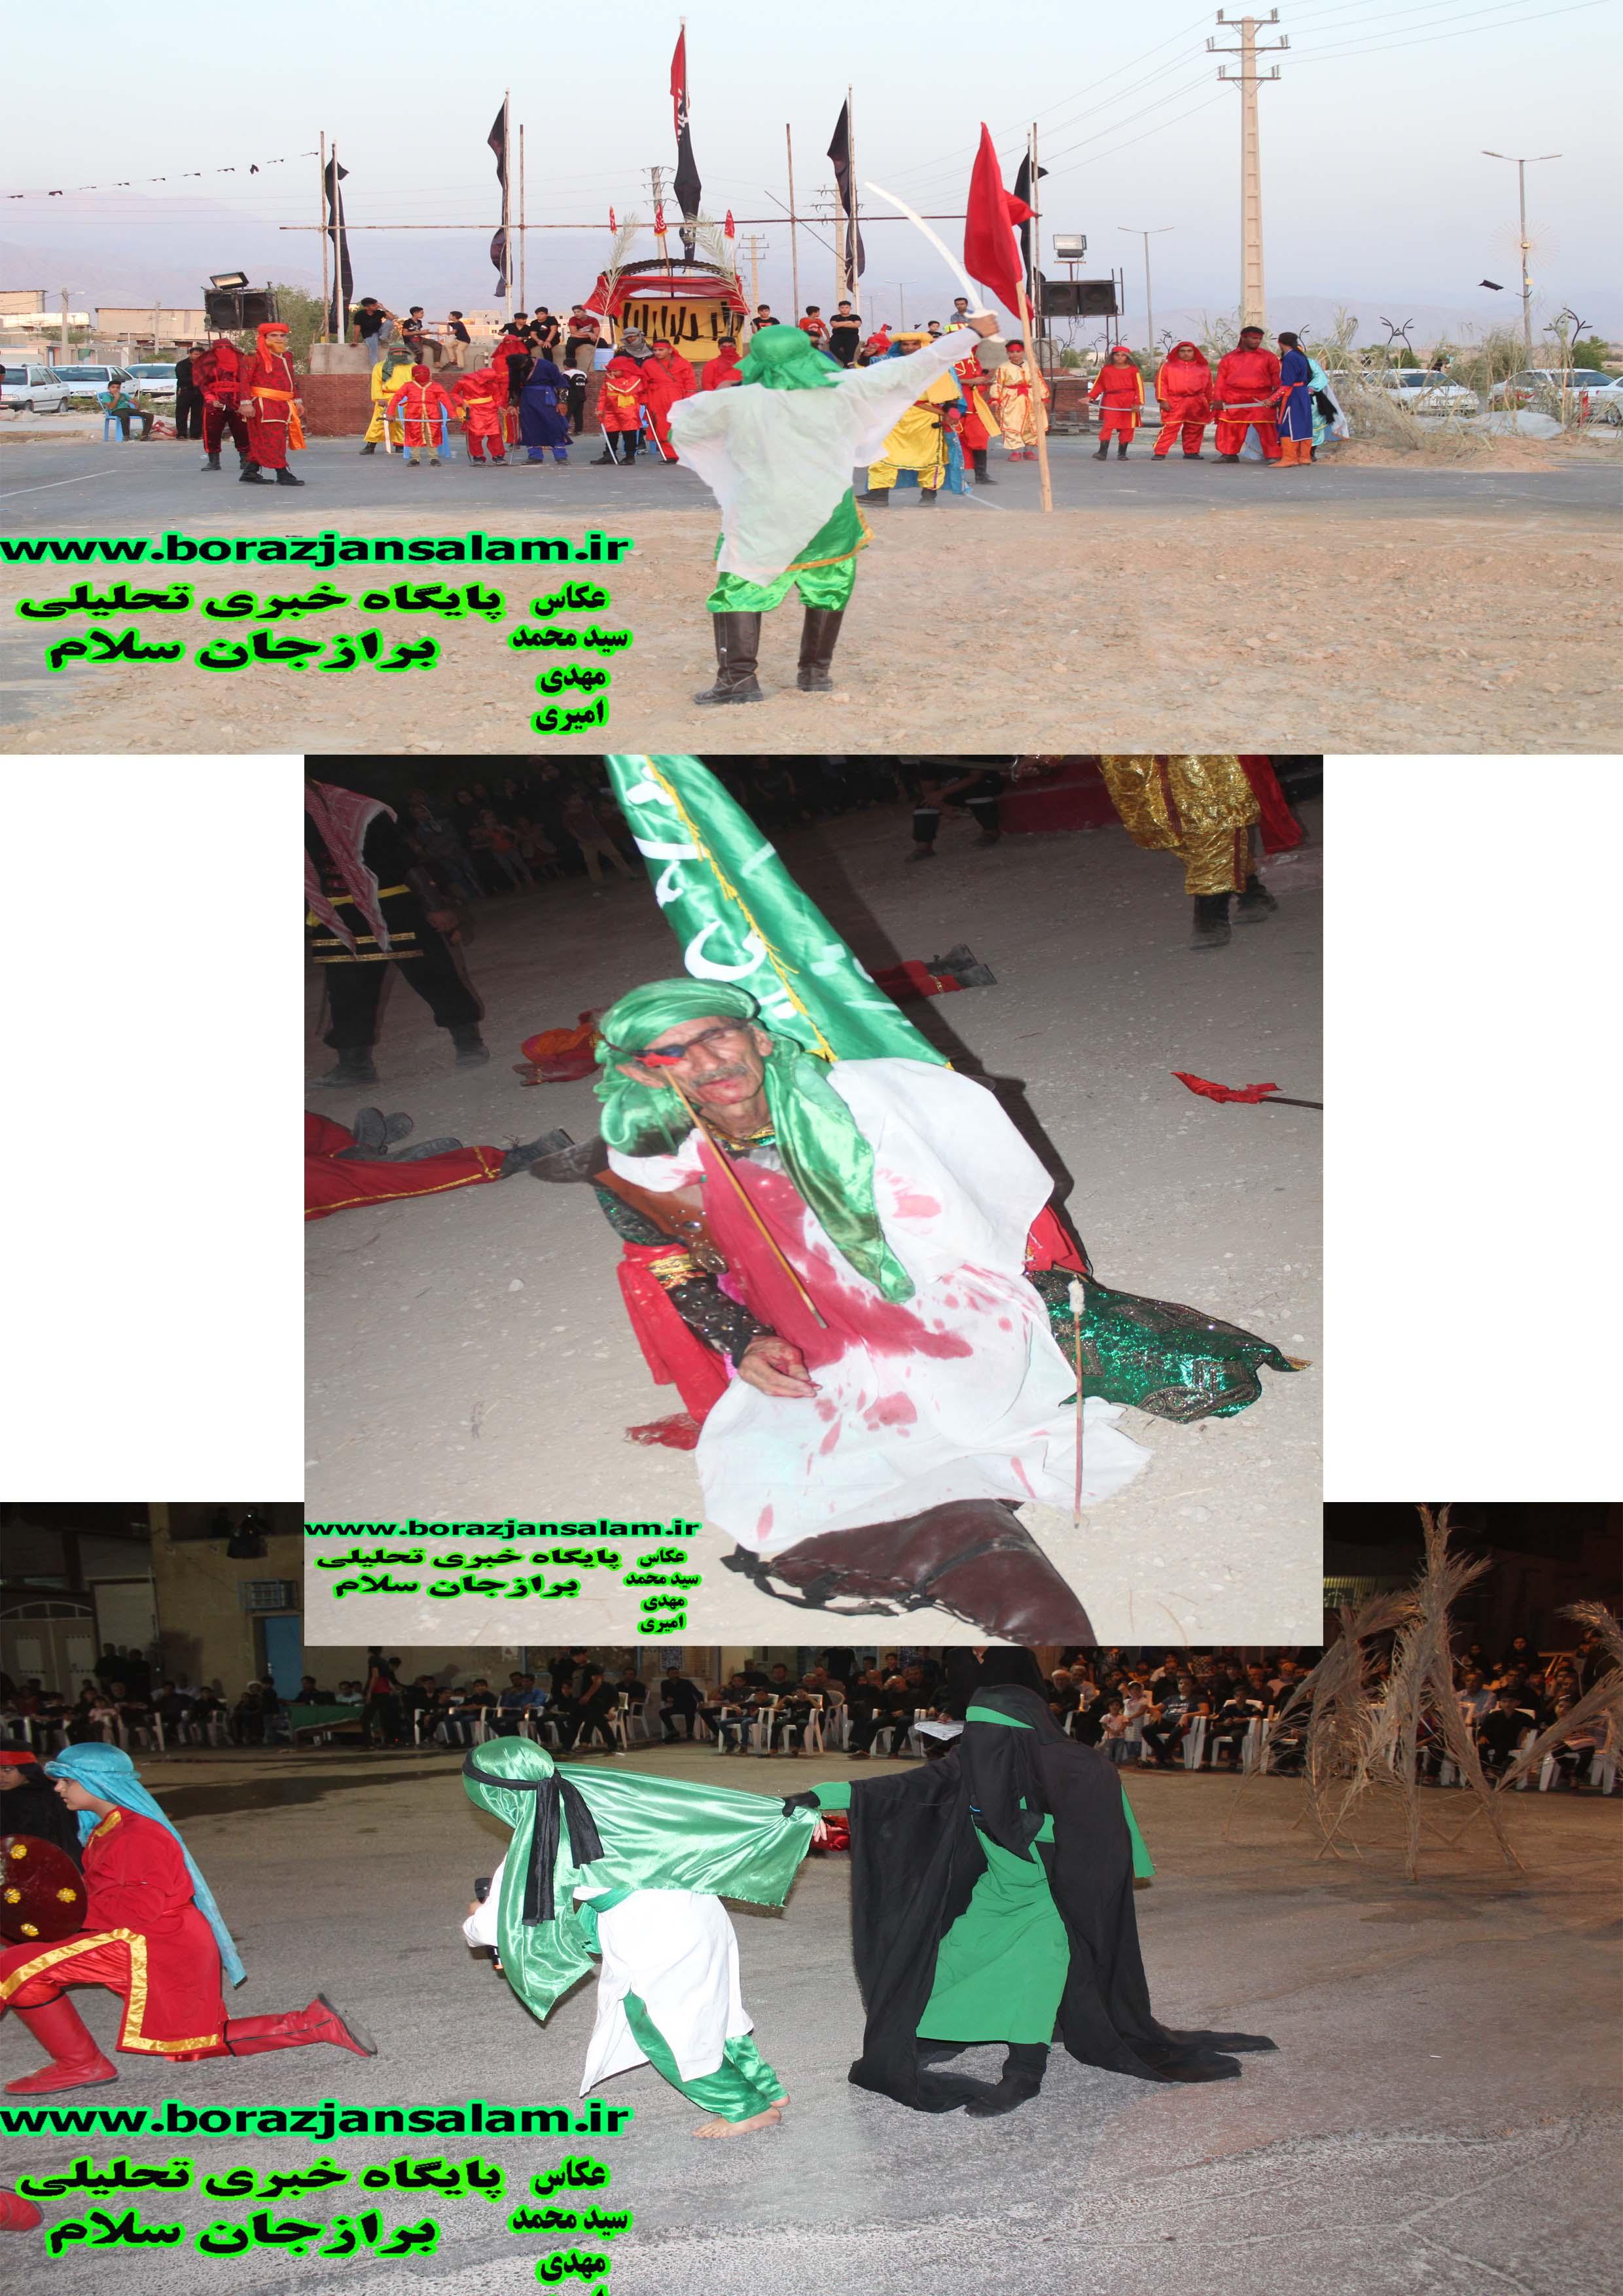 به روایت تصویر سه اجرای تعزیه روز تاسوعا در برازجان